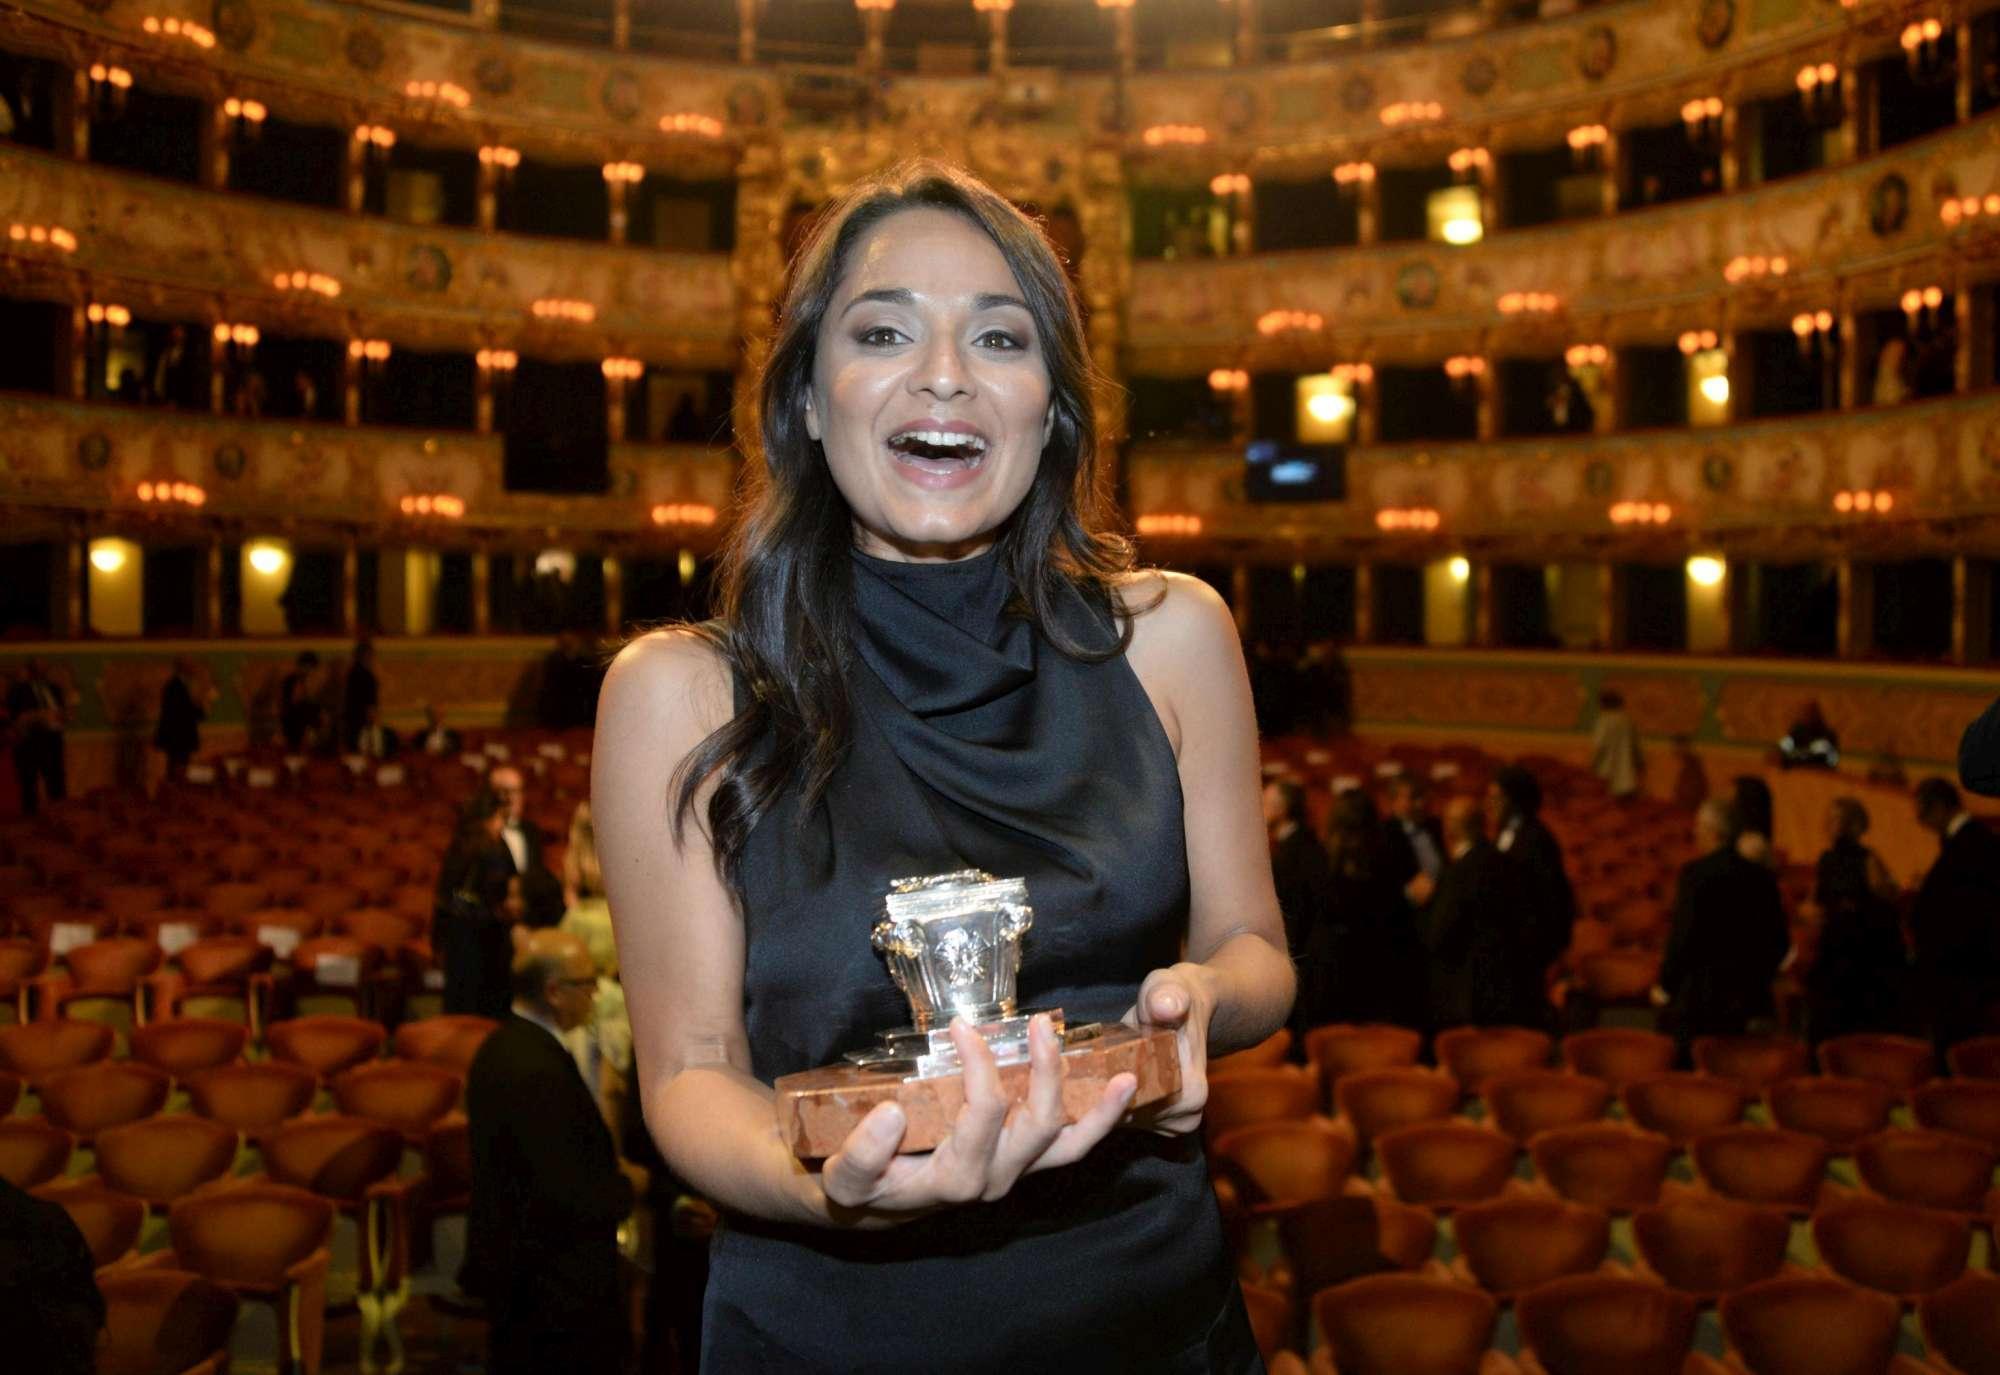 rosella postorino vince il premio campiello 2018-LameziaTermeit